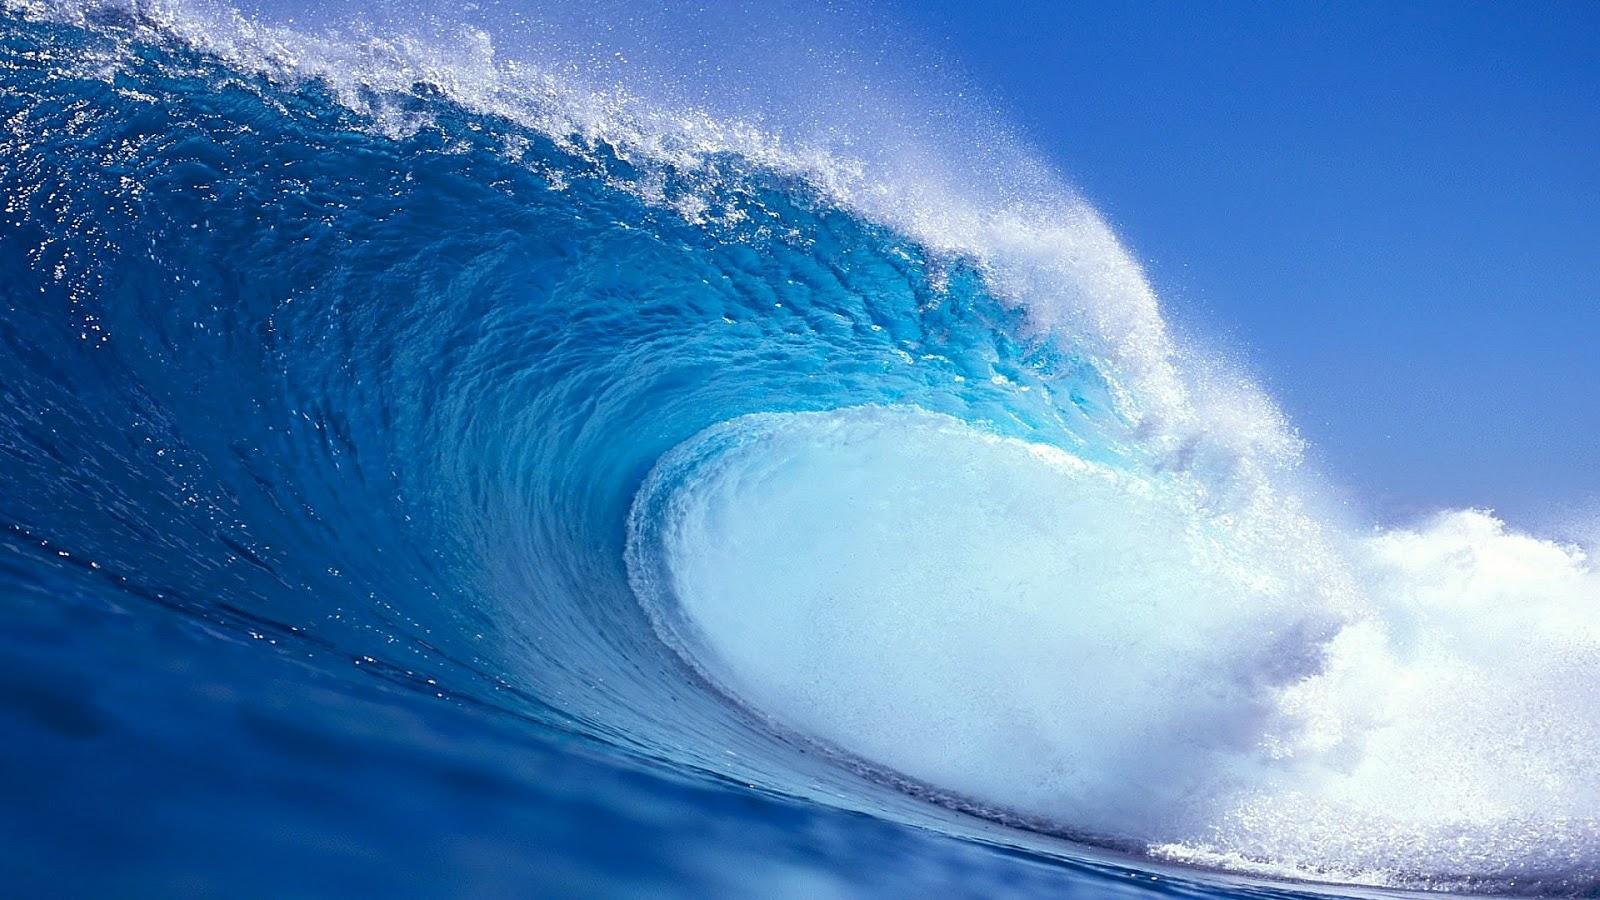 Ocean Wallpapers